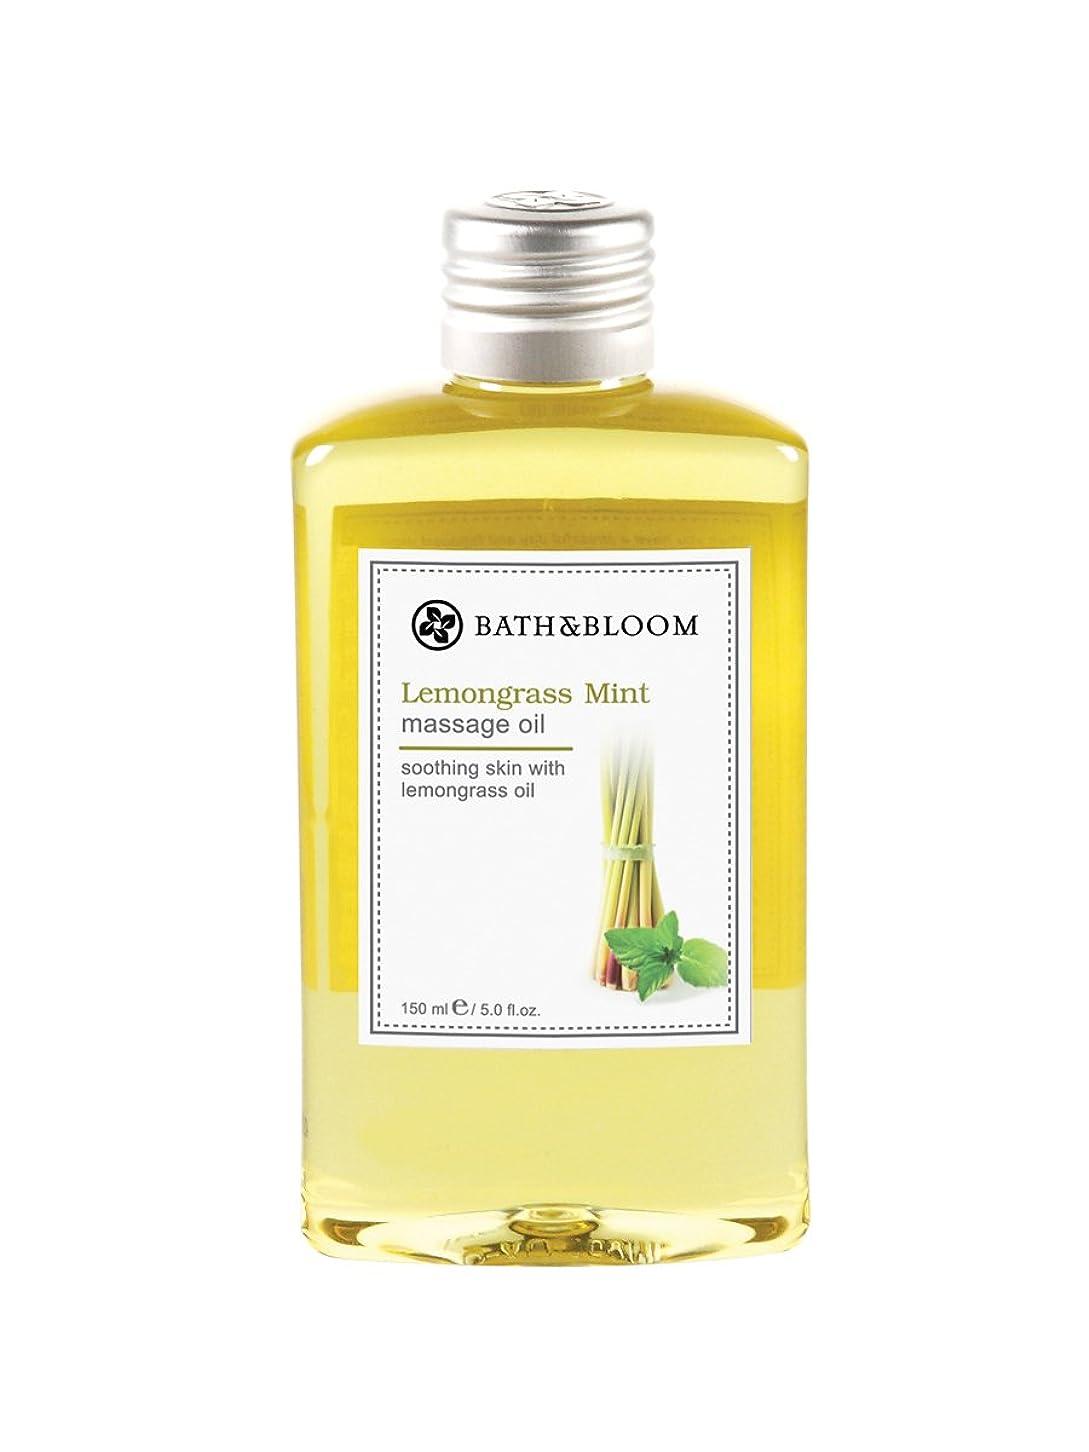 発症大きい最もバスアンドブルーム(BATH&BLOOM) レモングラスミント マッサージオイル 150mL